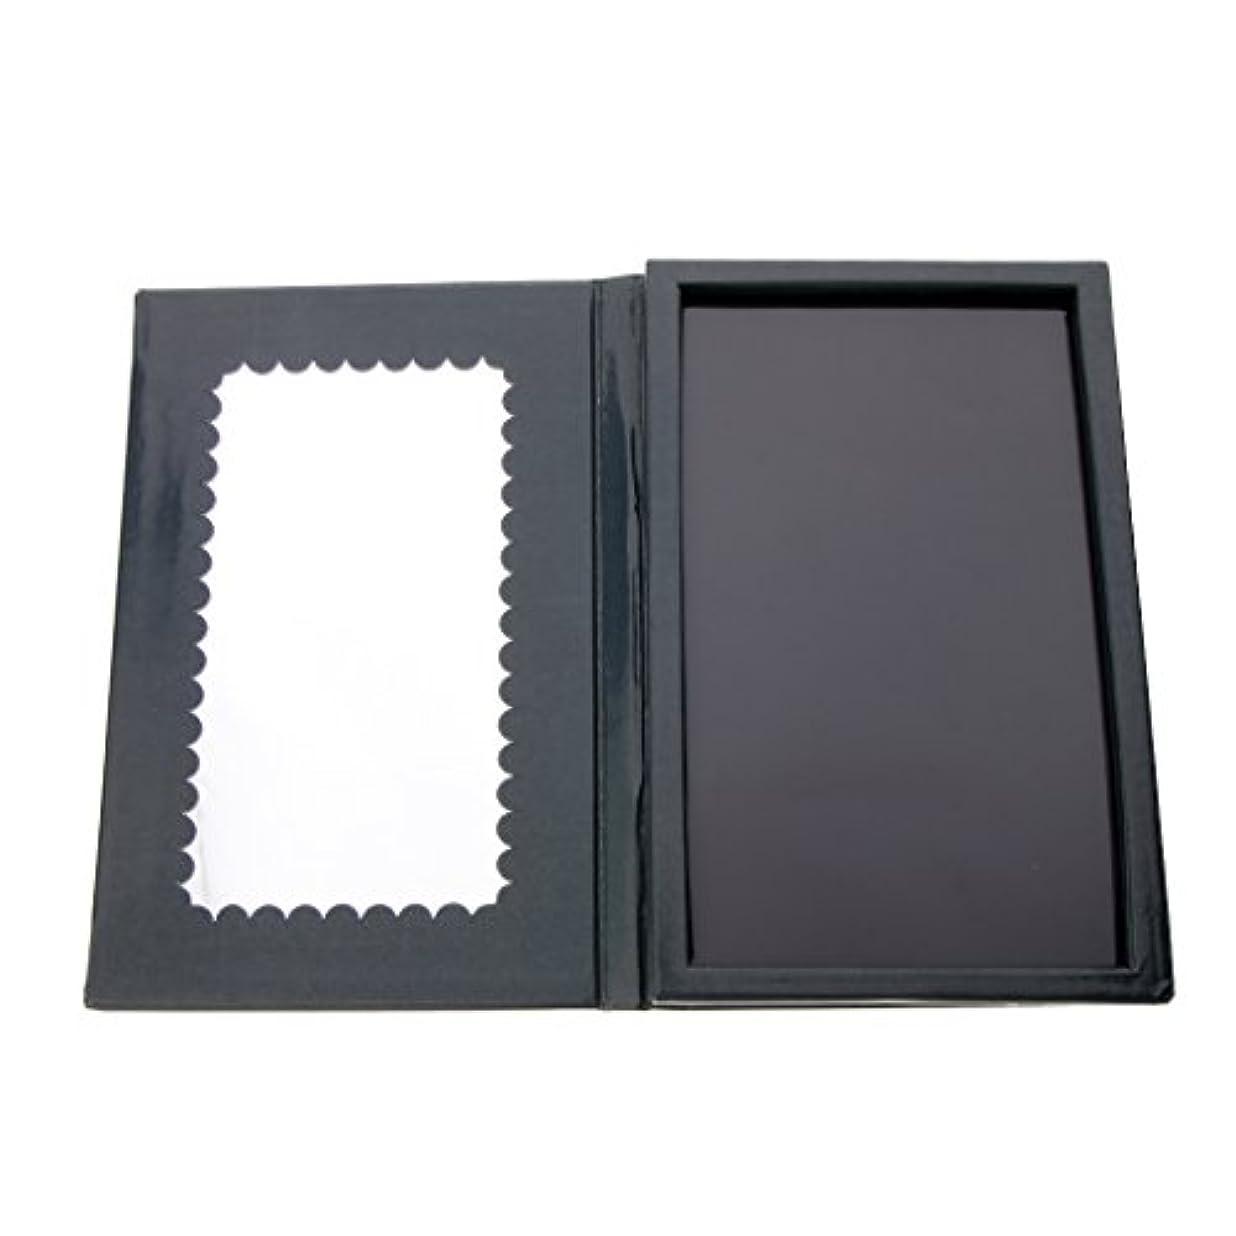 膨らみ基本的な論理的にPerfeclan メイクアップ 空パレット 磁気パレット 化粧品ケース アイシャドウ パウダー 整理 保管 旅行 便利